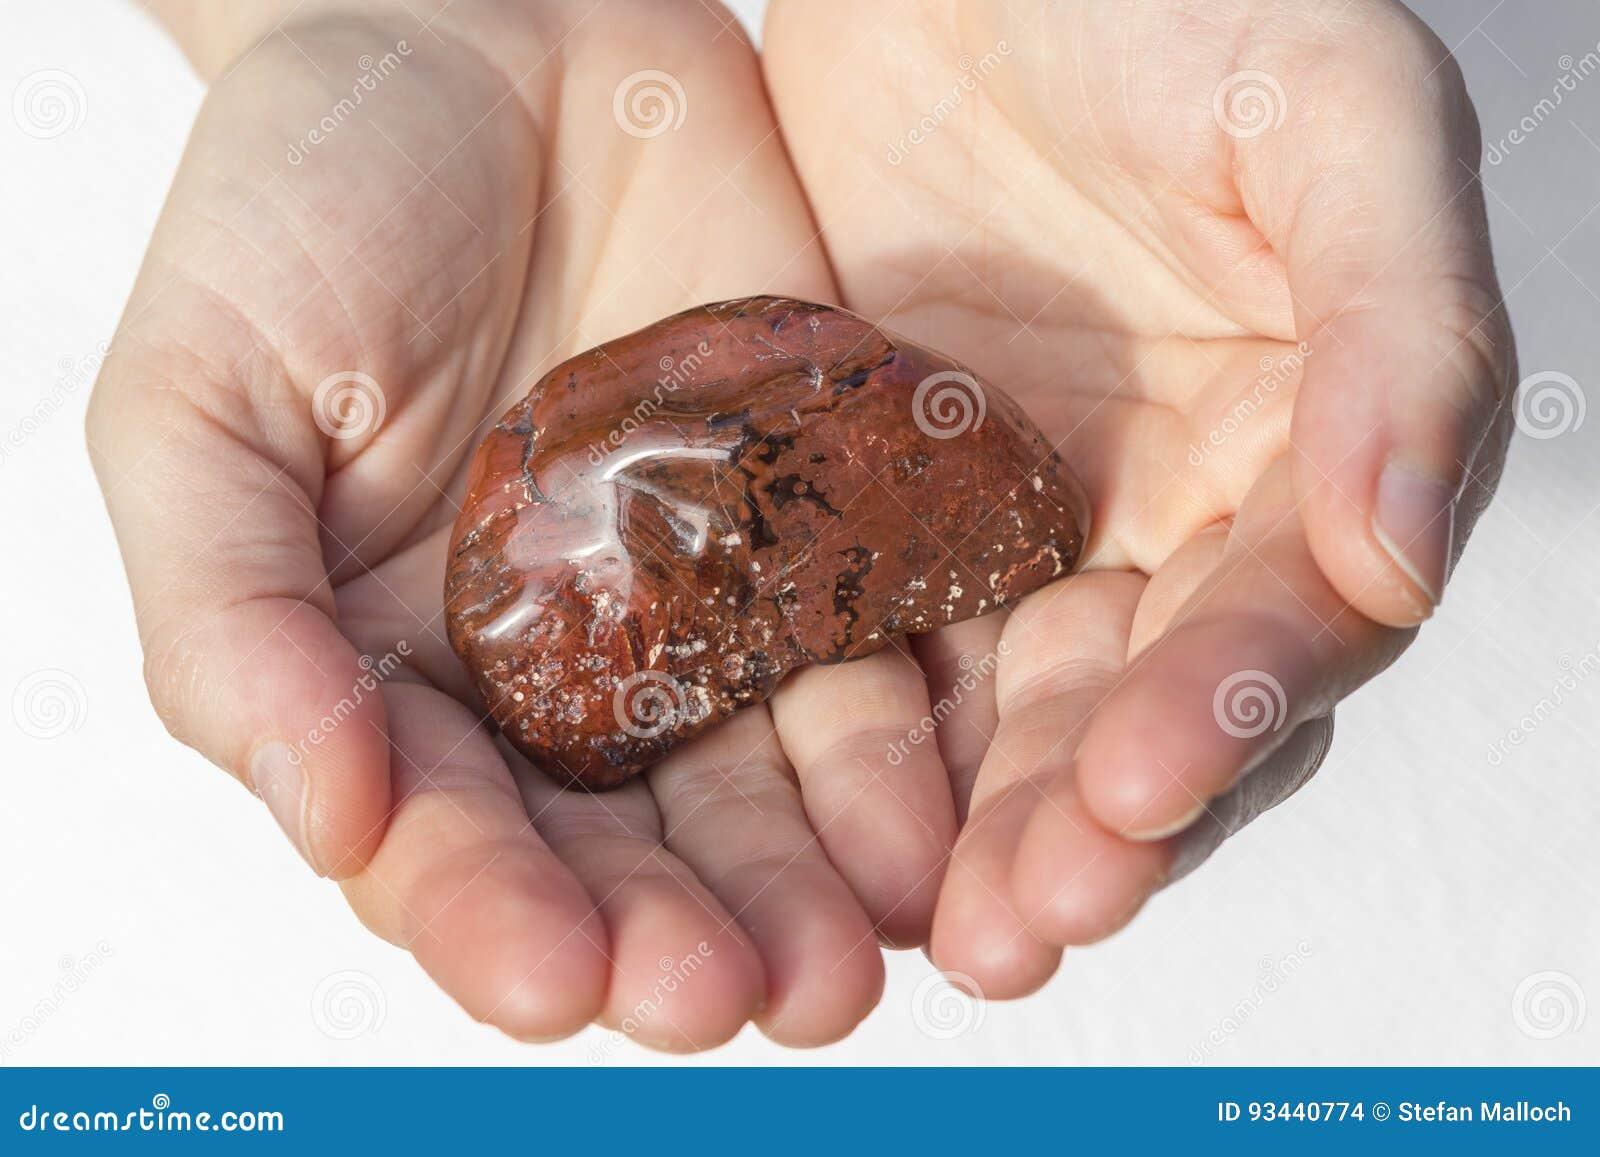 Big Carnelian Piece in hands